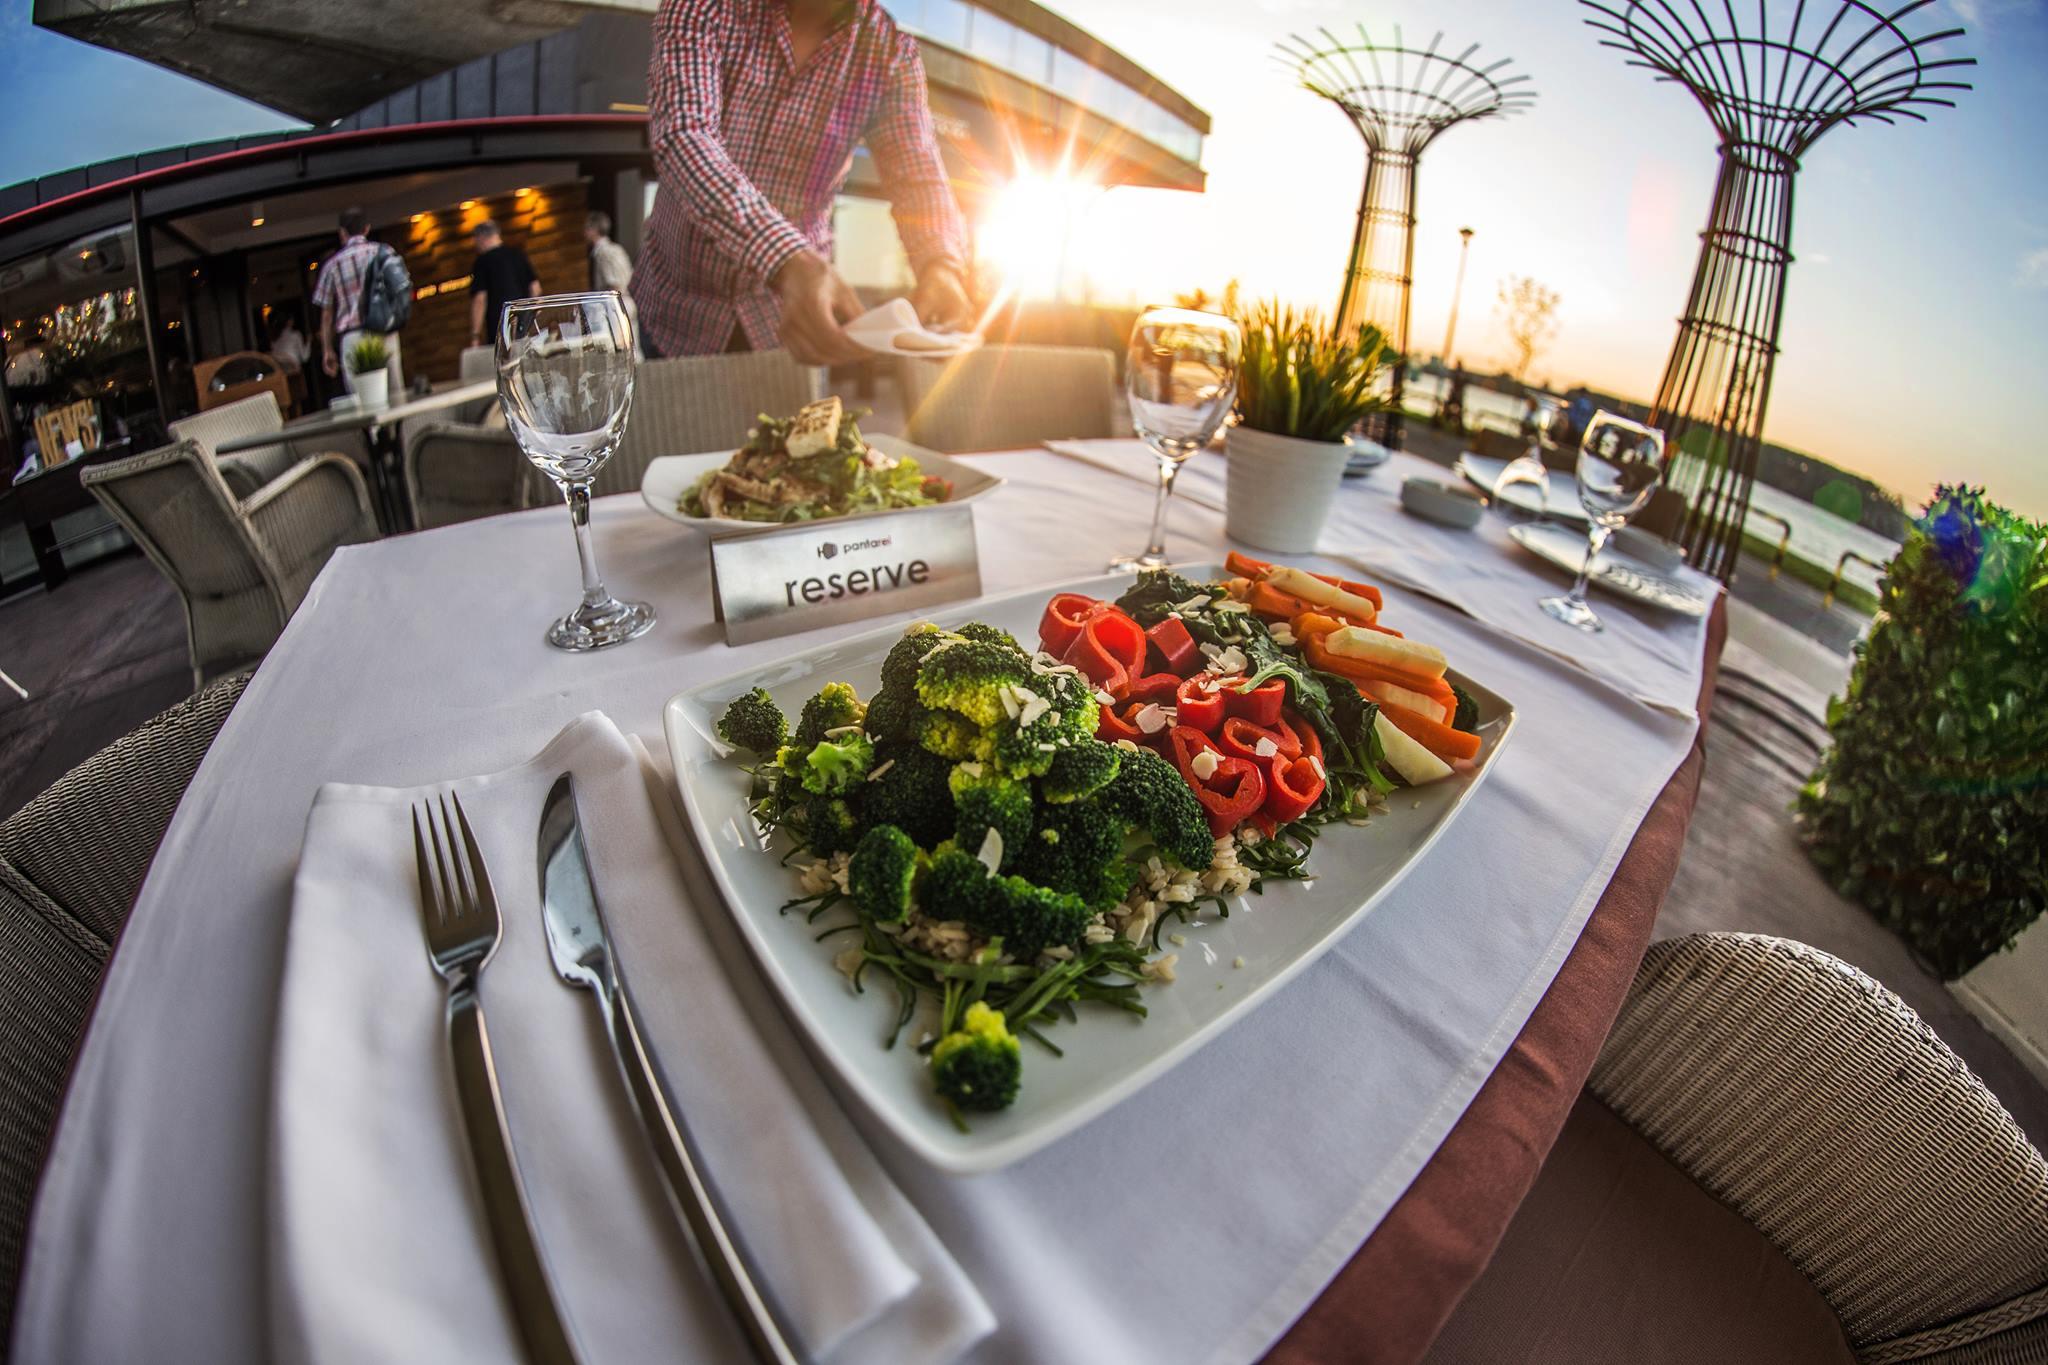 Heavenly good restaurant in Belgrade